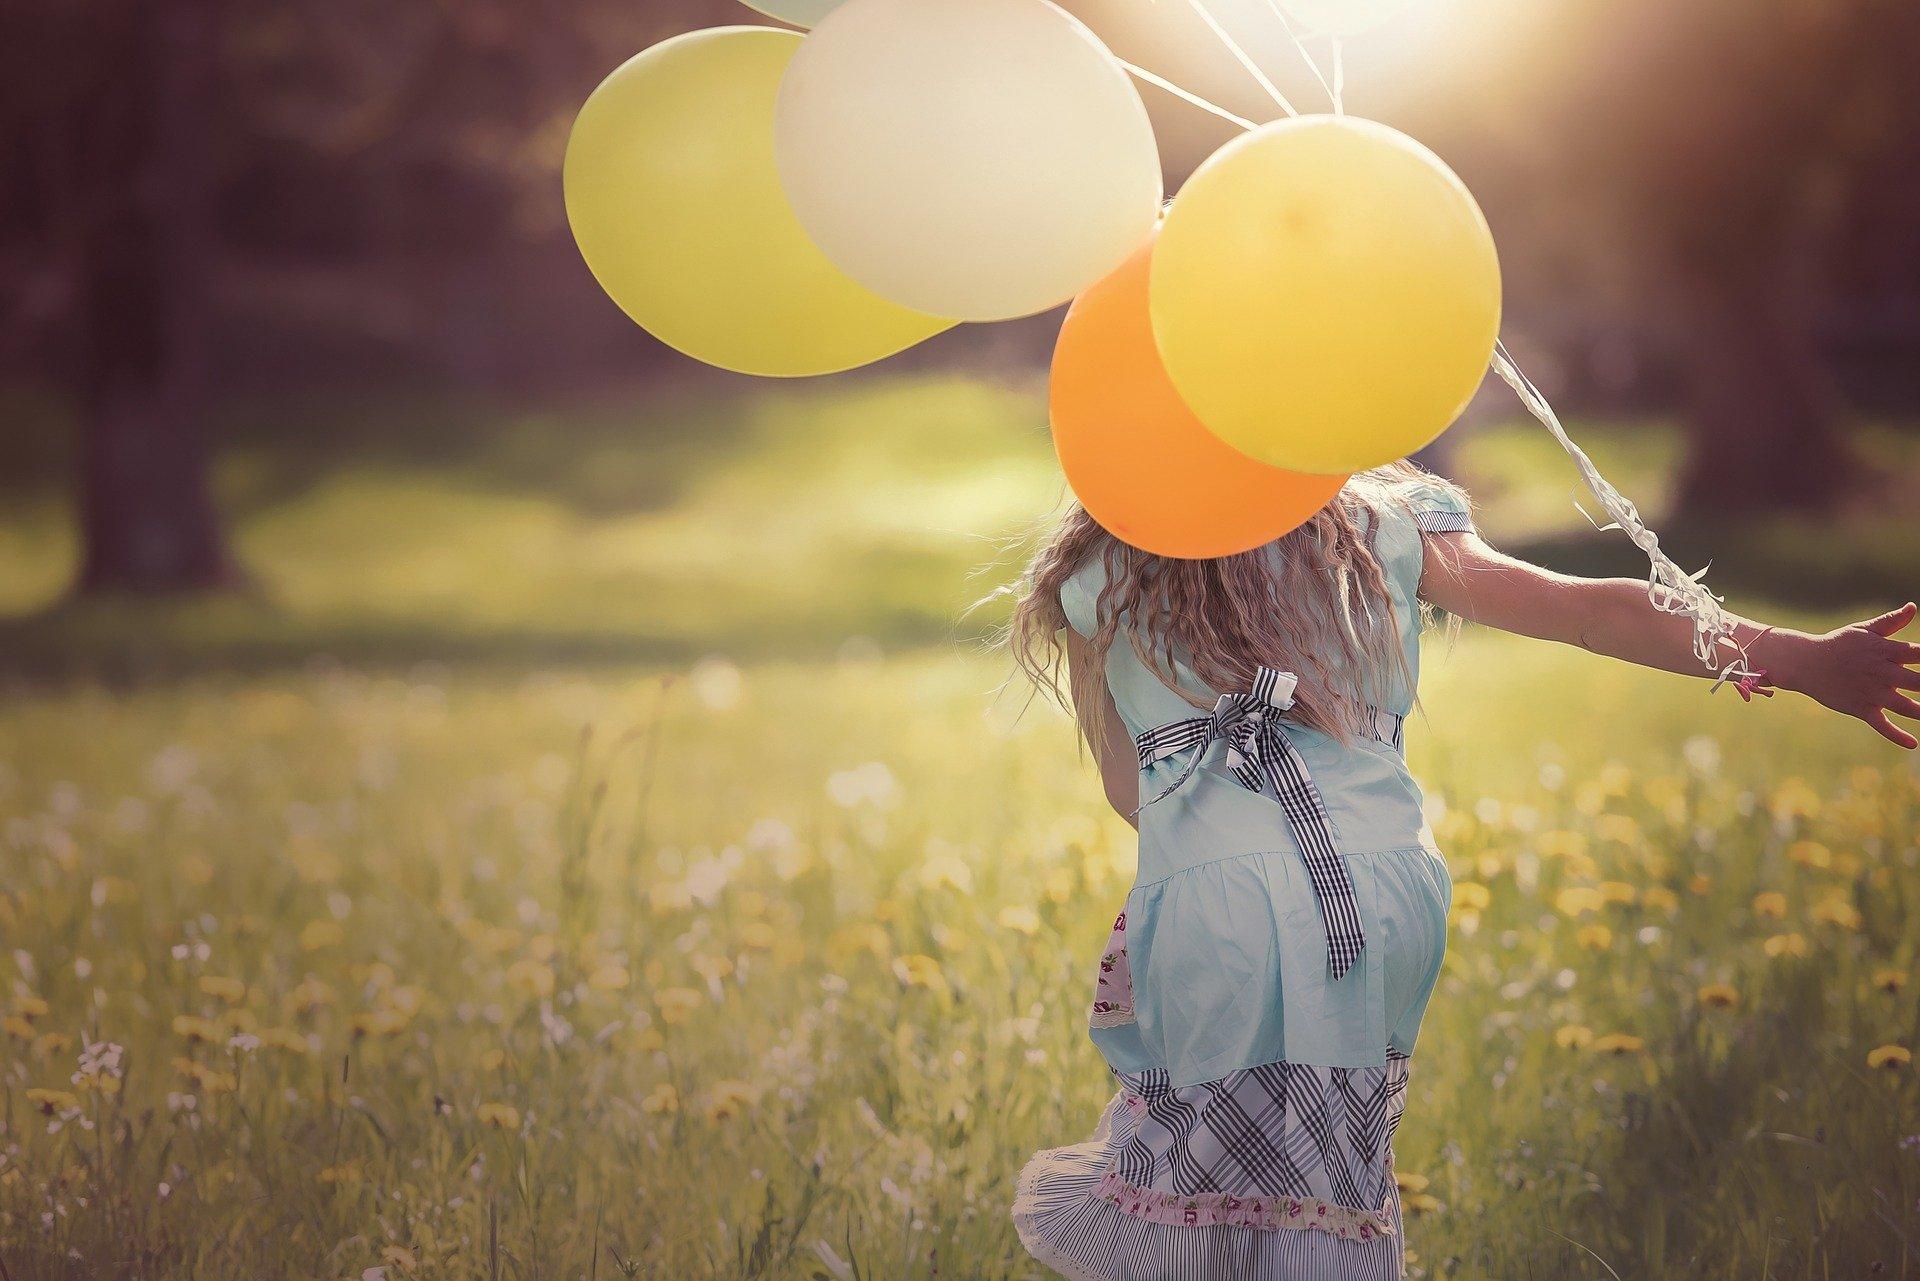 행복해 하는 시간을 많이 가지십시오